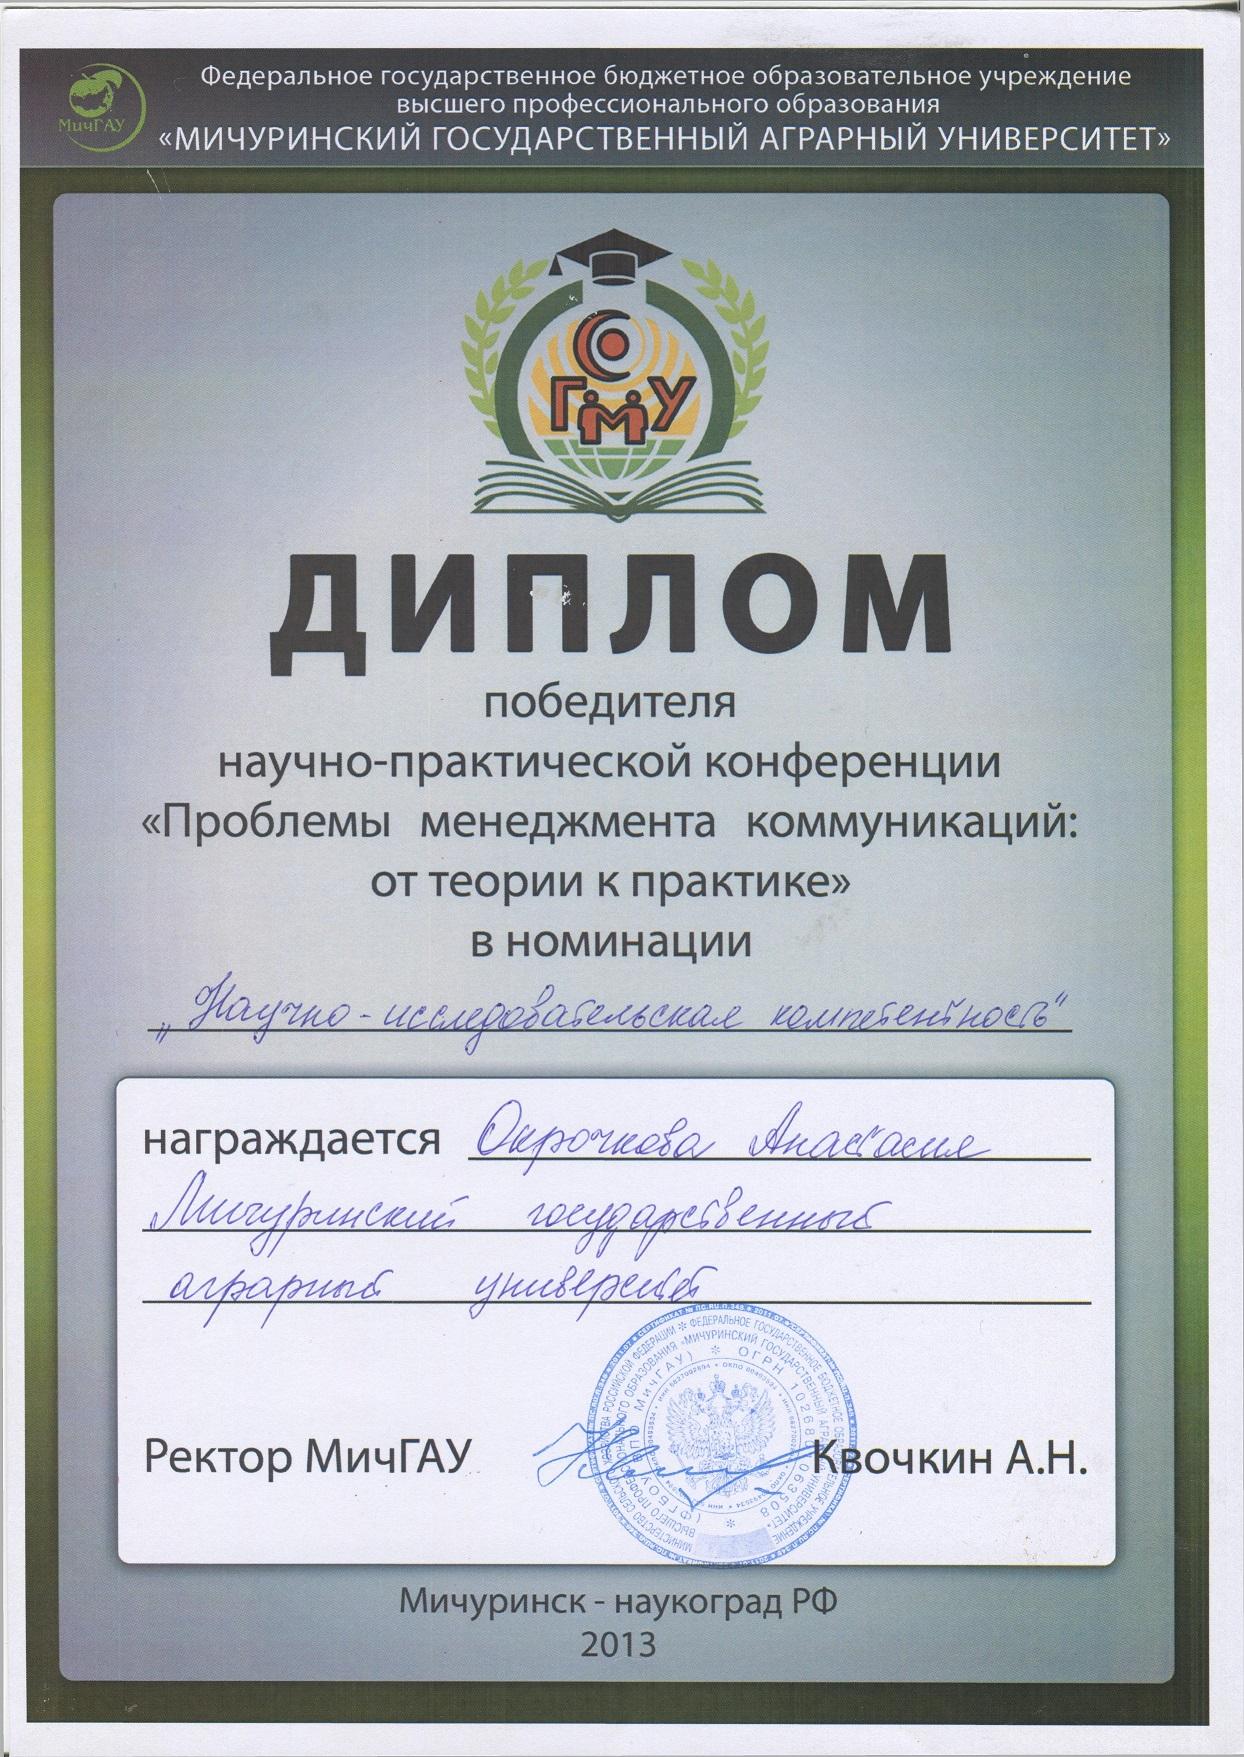 Диплом победителя в конференции